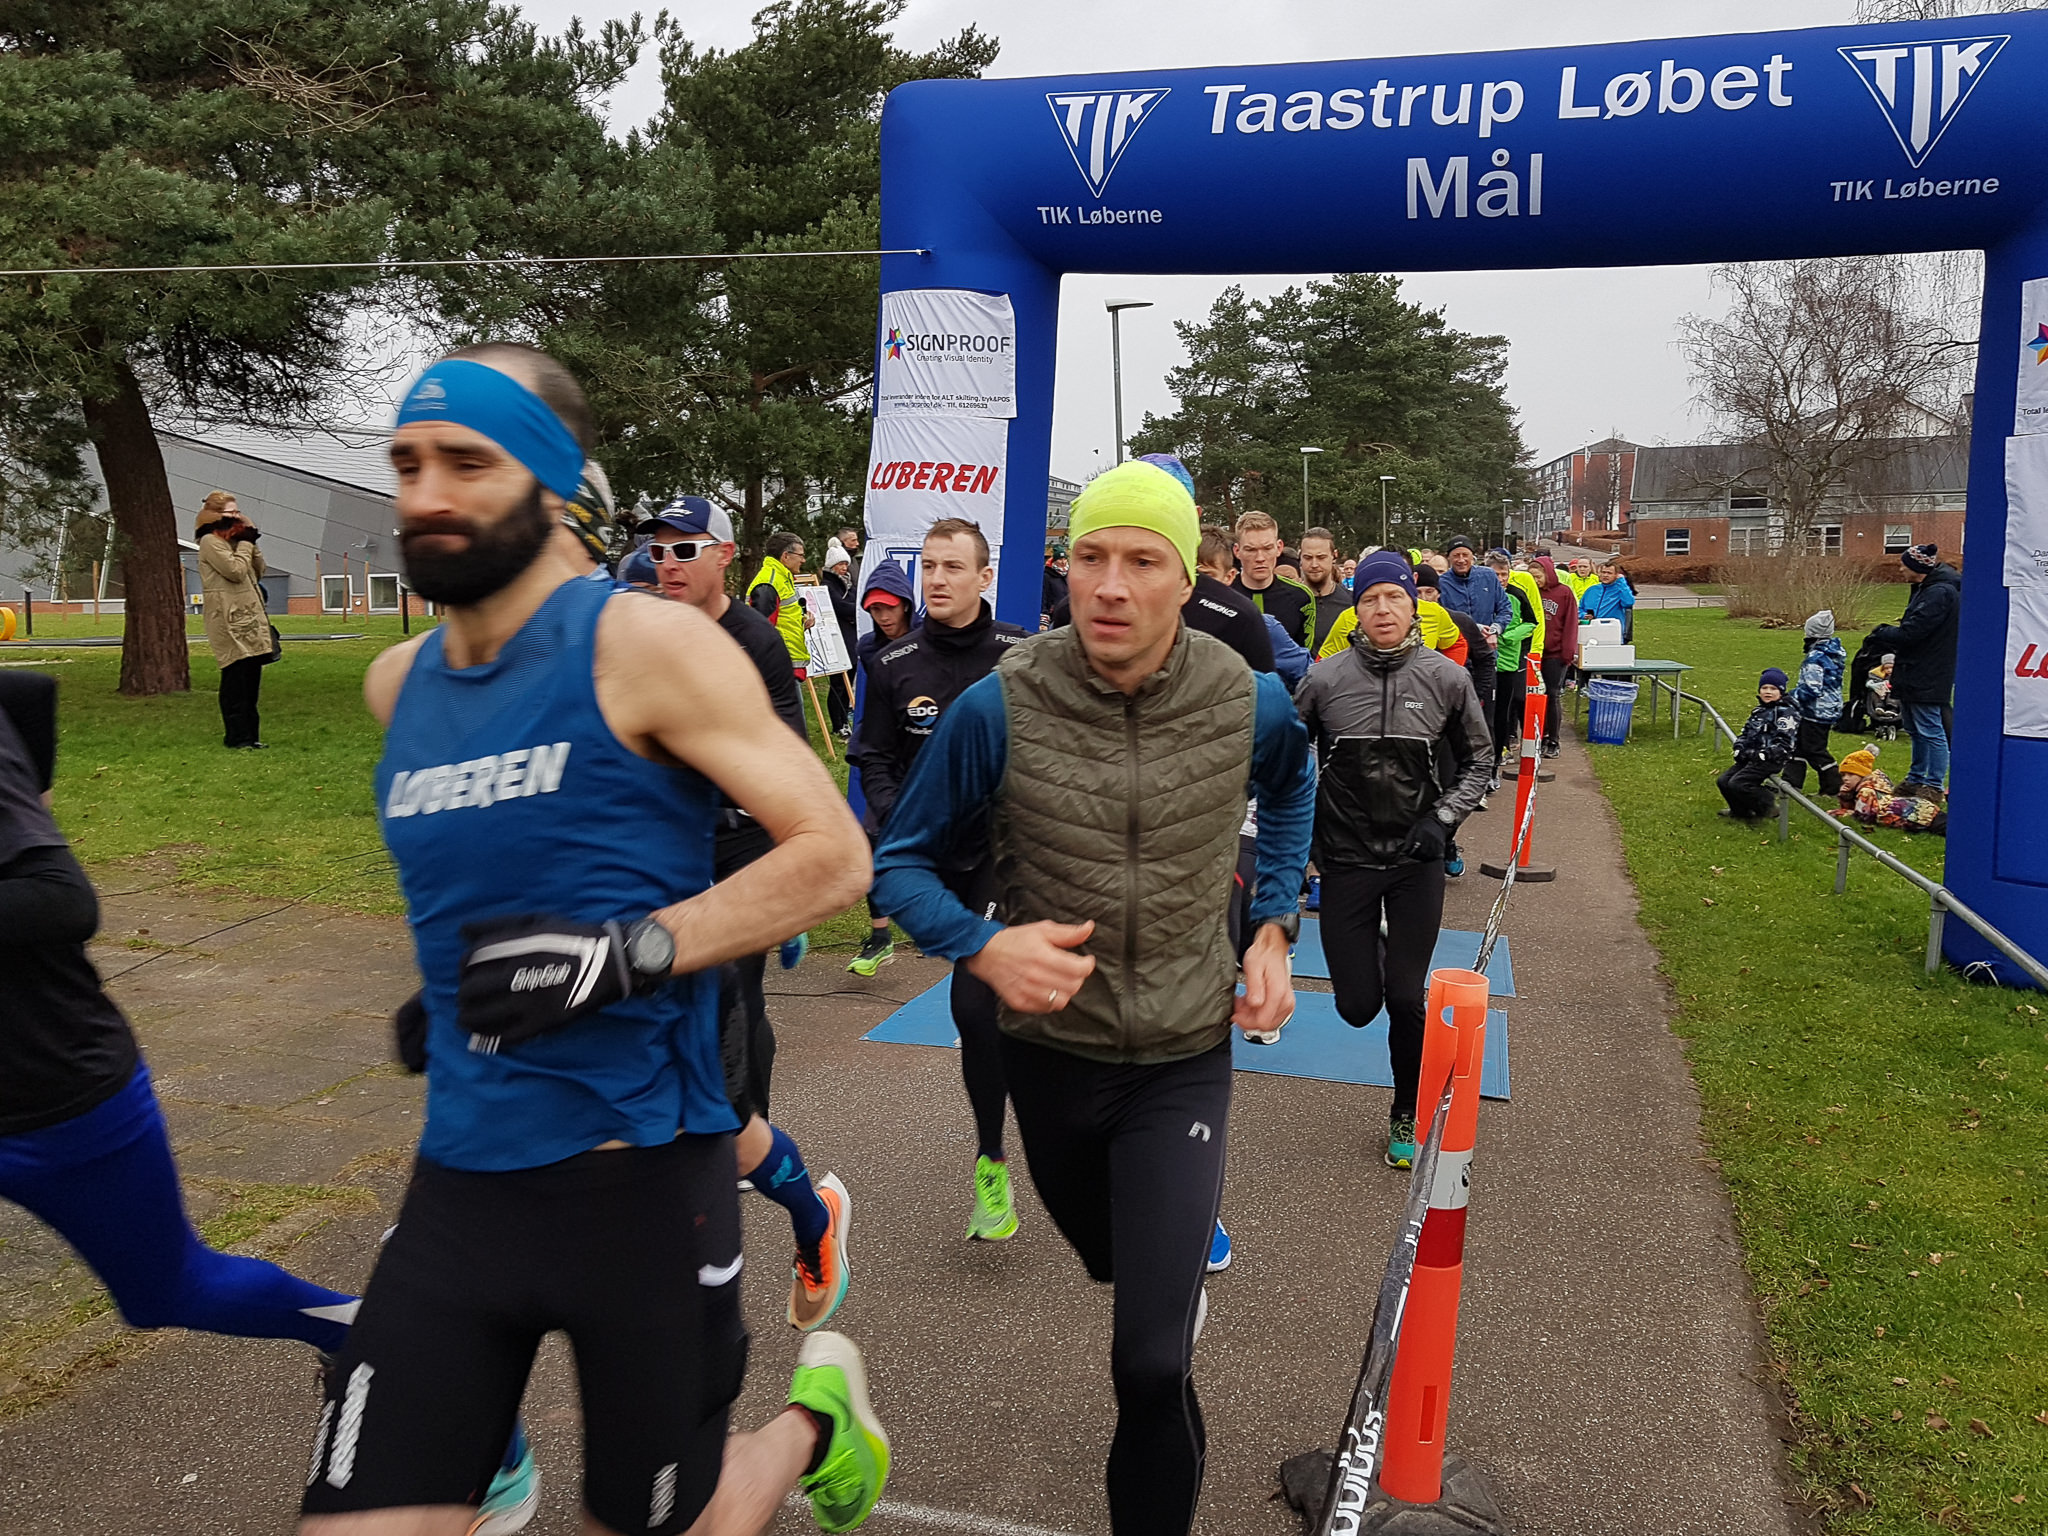 2020-02-09-095-Taastrup-Løbet-2020-02